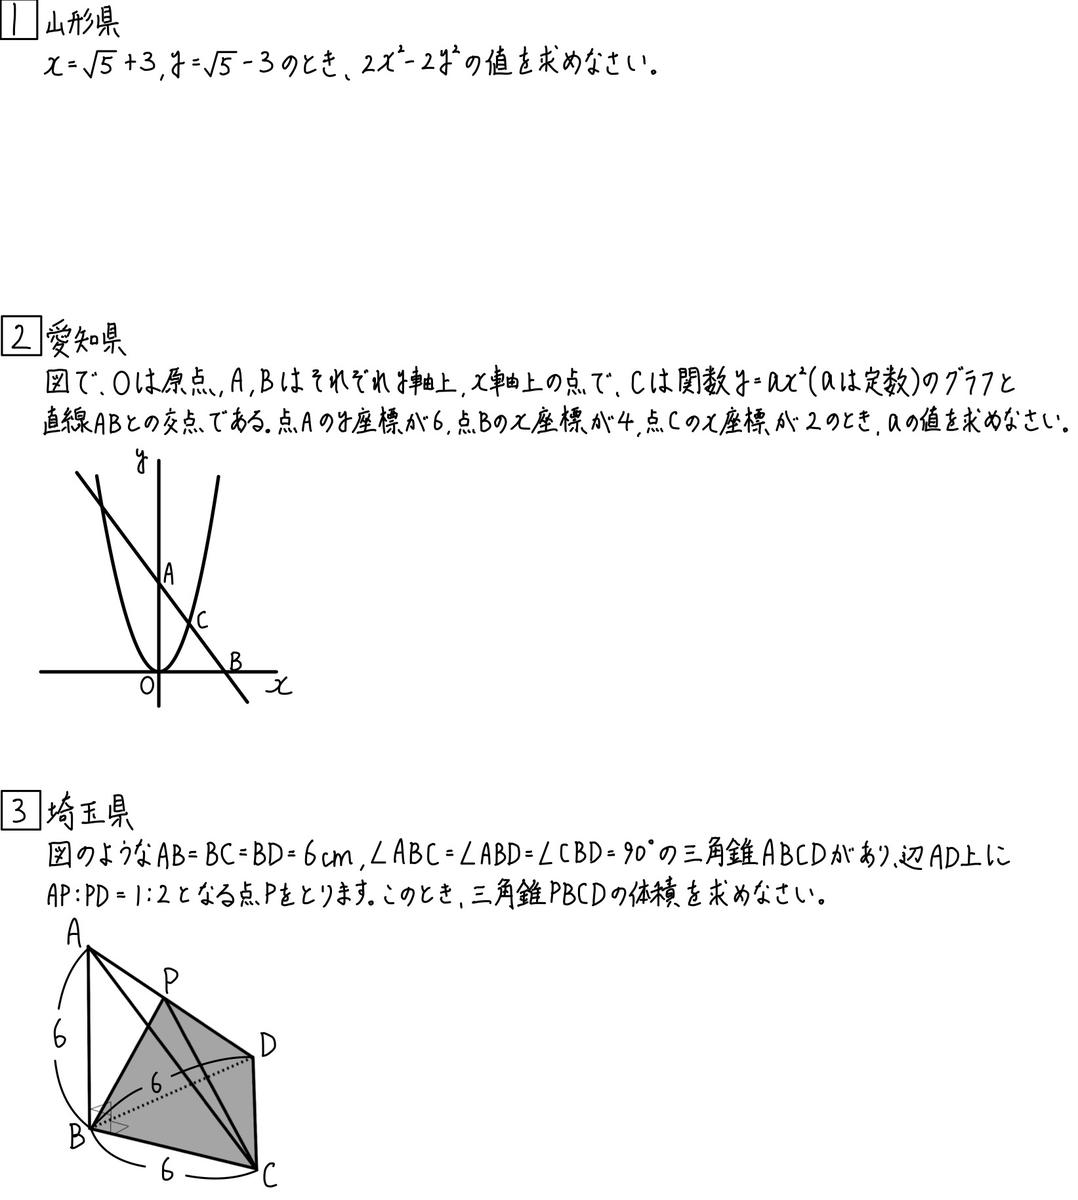 数学偏差値50突破への道No.10